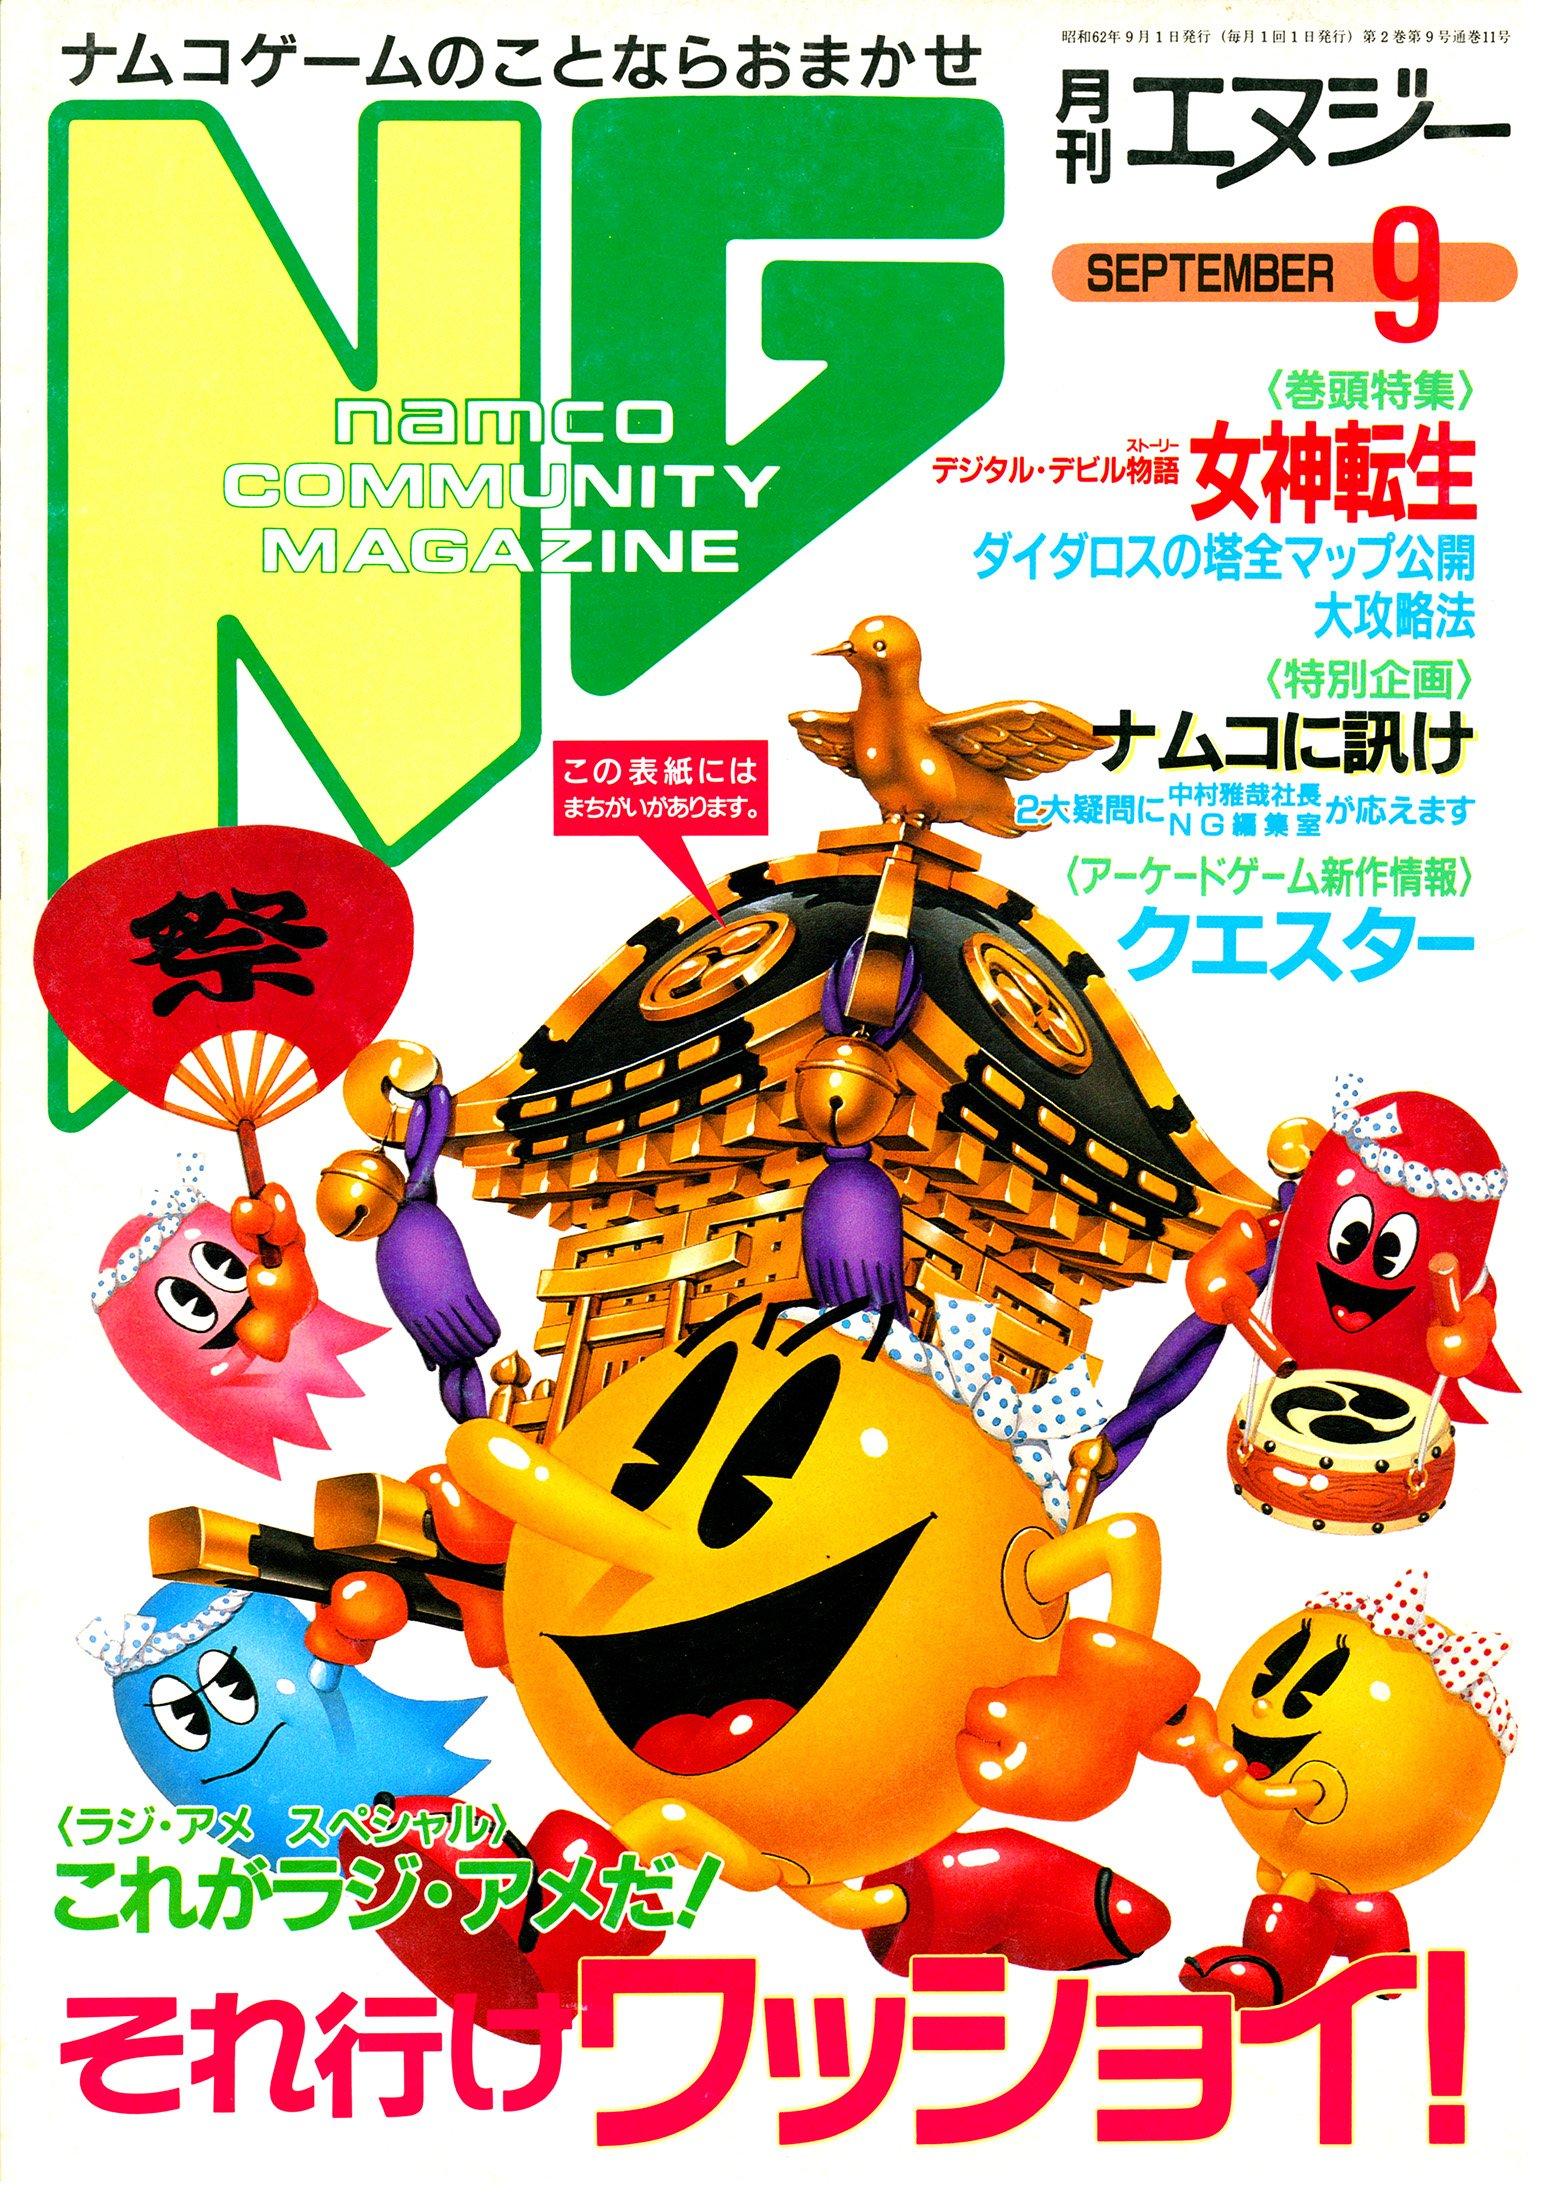 NG Namco Community Magazine Issue 11 (September 1987)